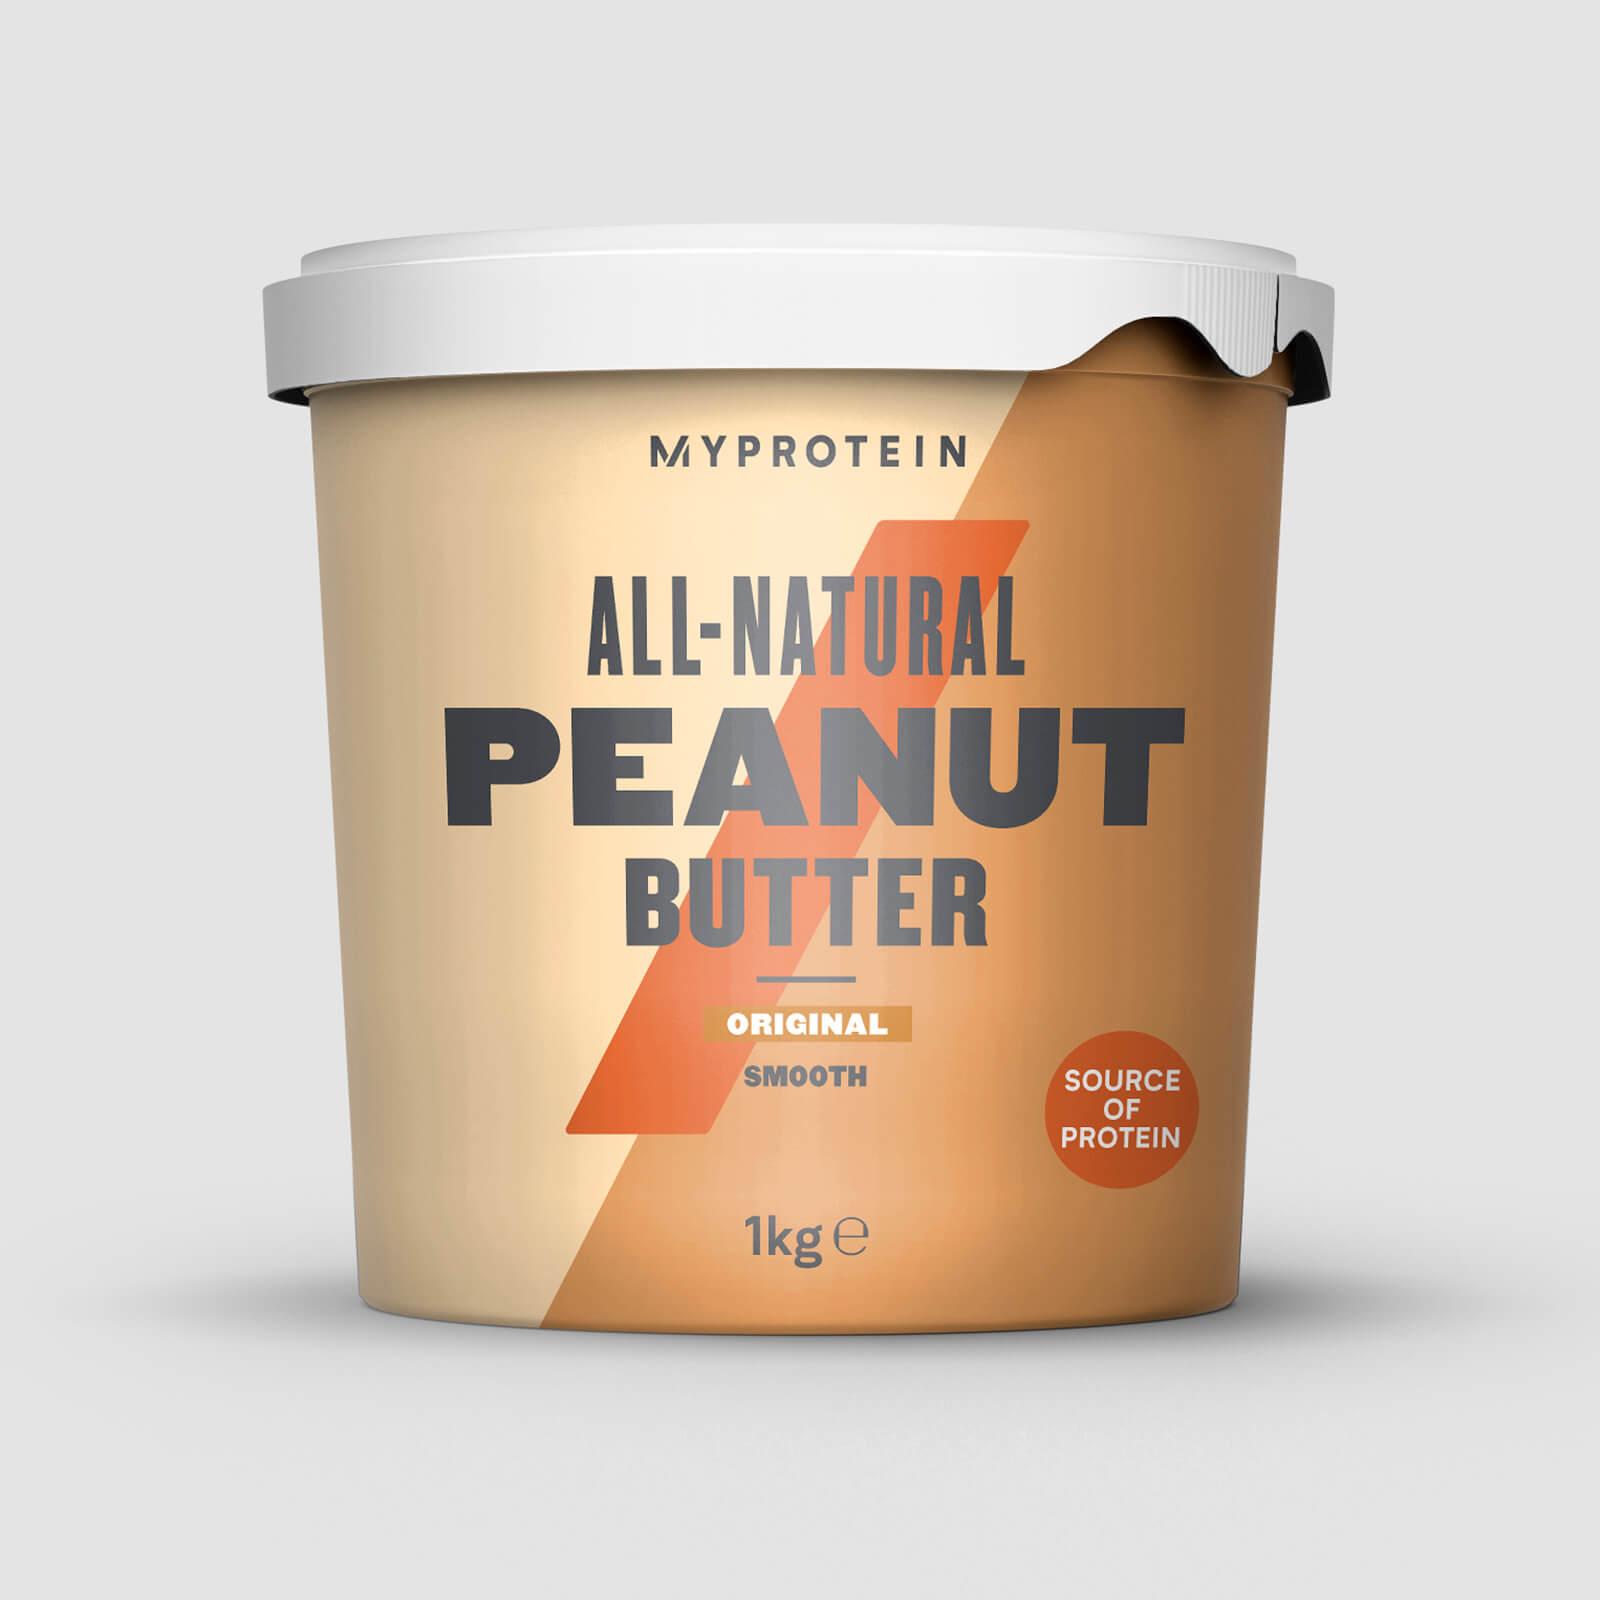 Sélection d'articles en promotion + 22% supplémentaires + livraison gratuite à domicile sans minimum - Ex : Beurre de cacahuète - 1 Kg